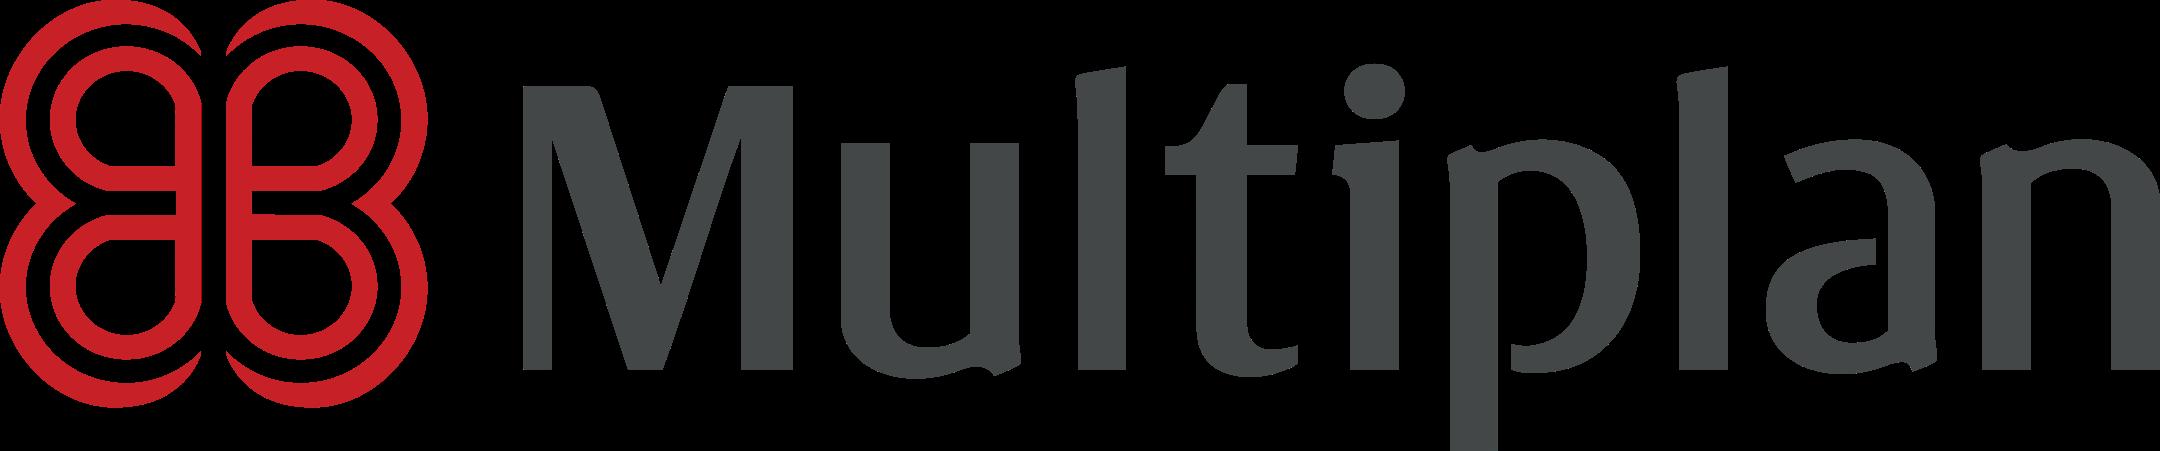 multiplan logo 1 - Multiplan Logo